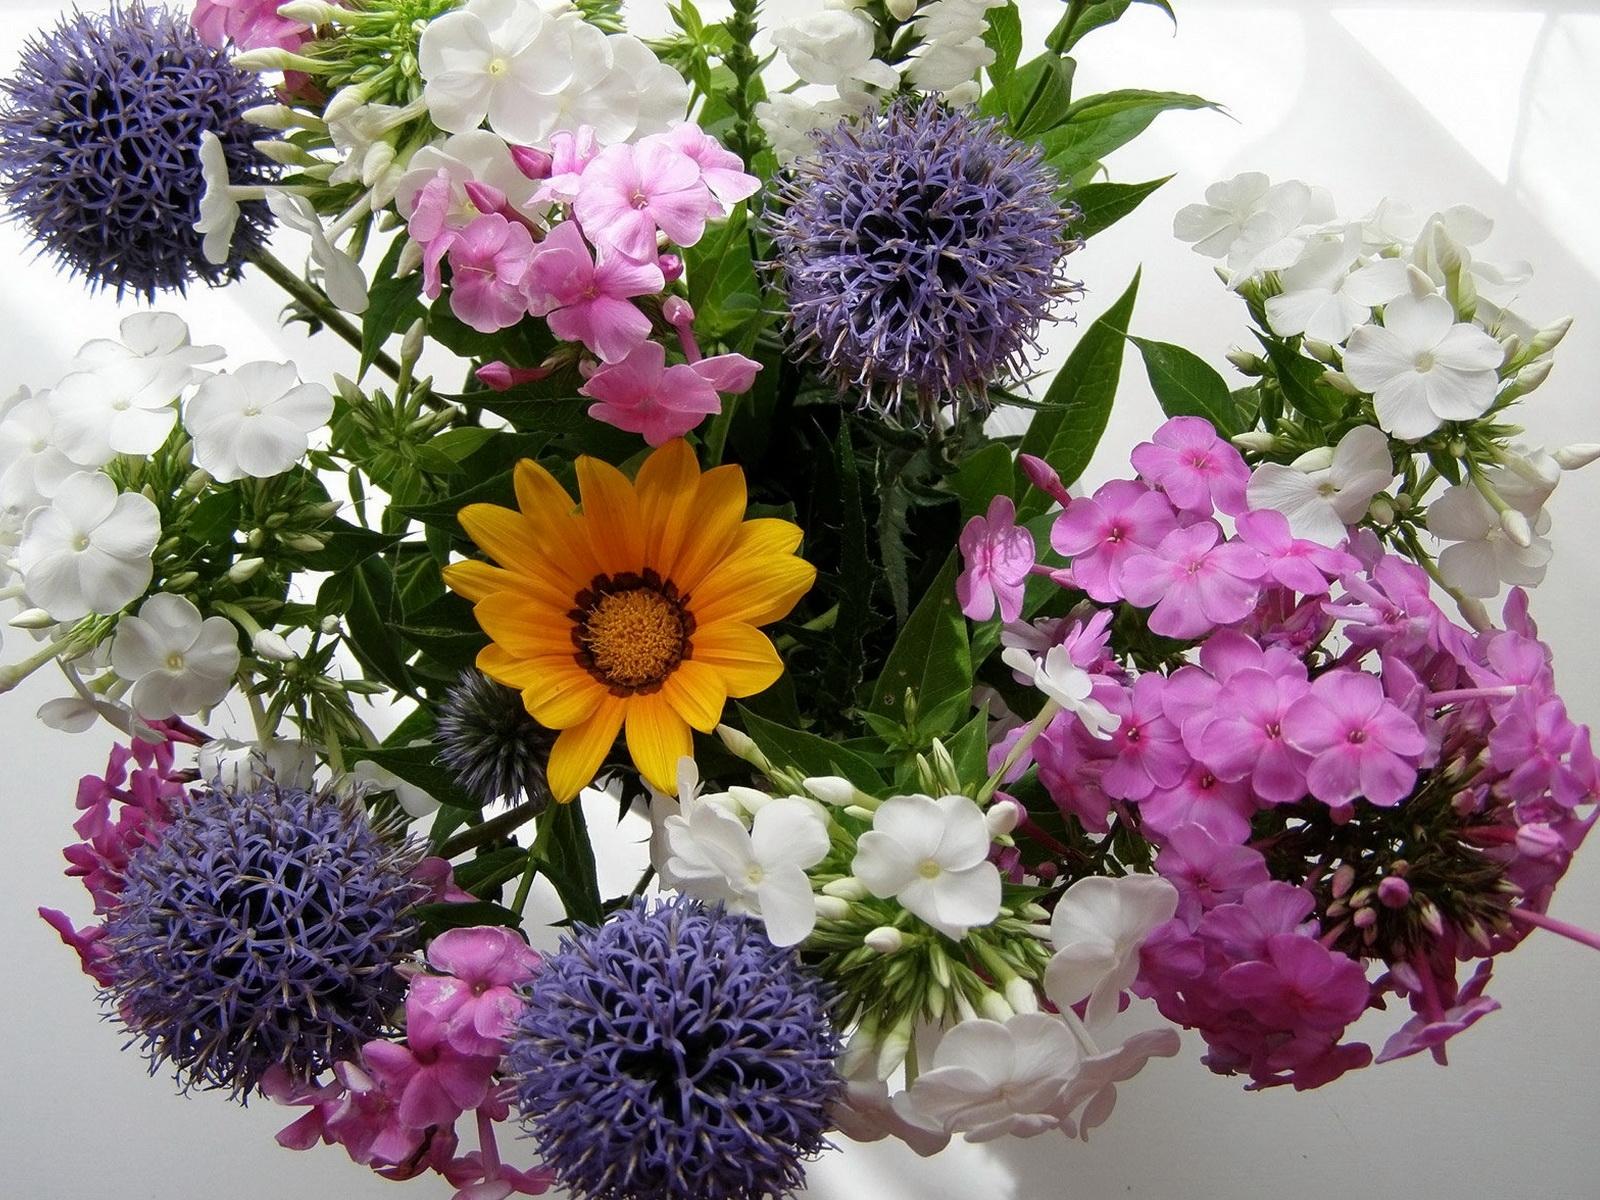 большие размеры картинок букет цветов конечно можем